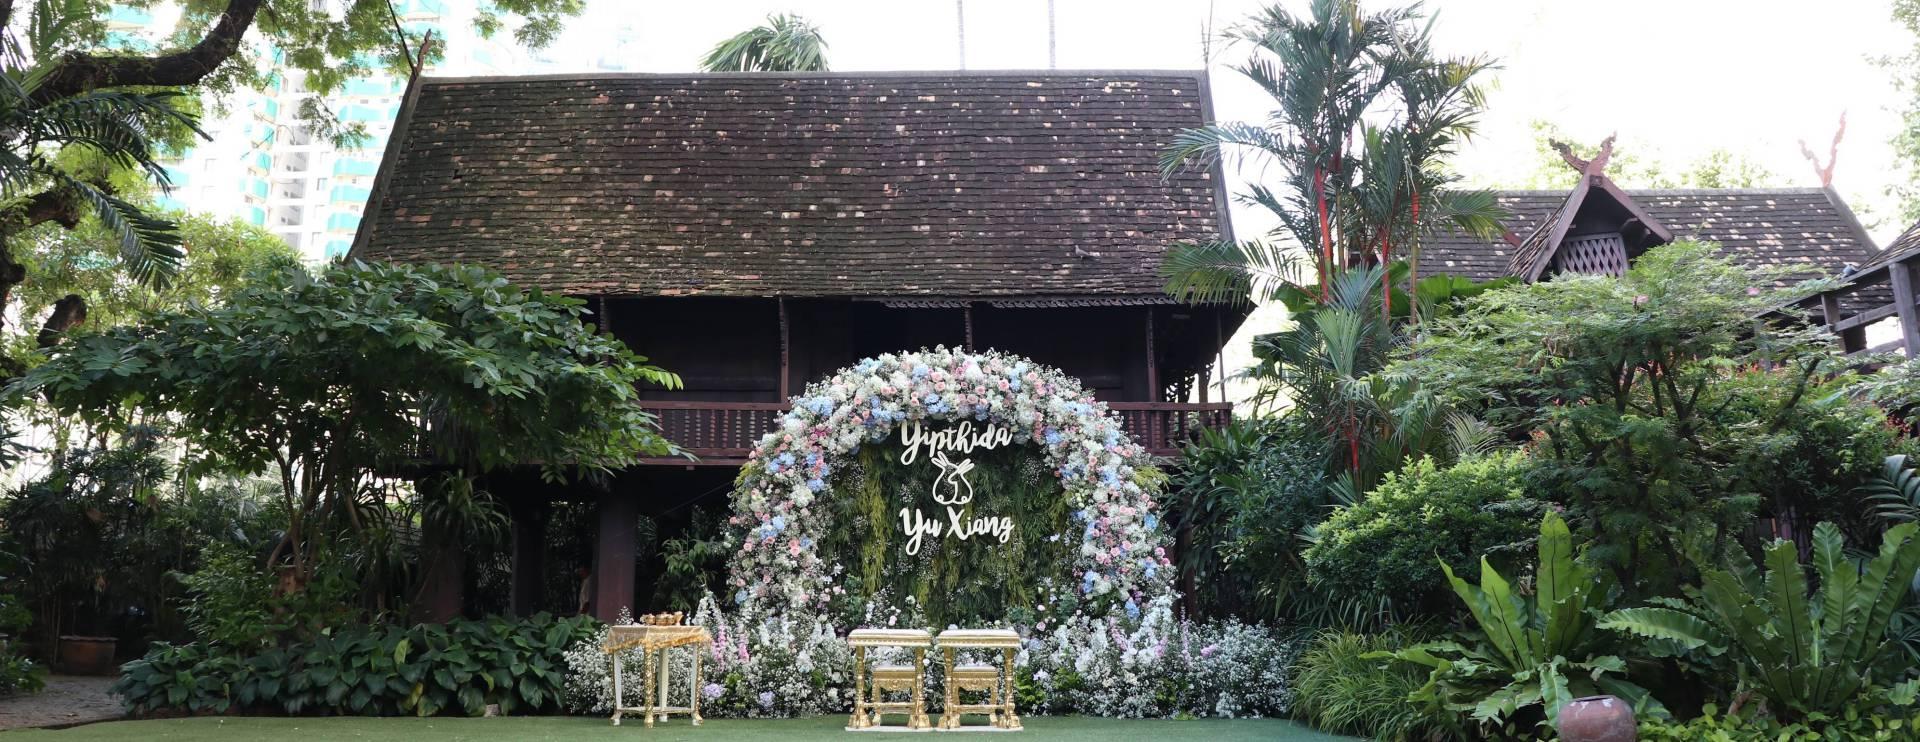 สยามสมาคม สถานที่จัดงานแต่งงาน จัดงานเลี้ยงในสวน